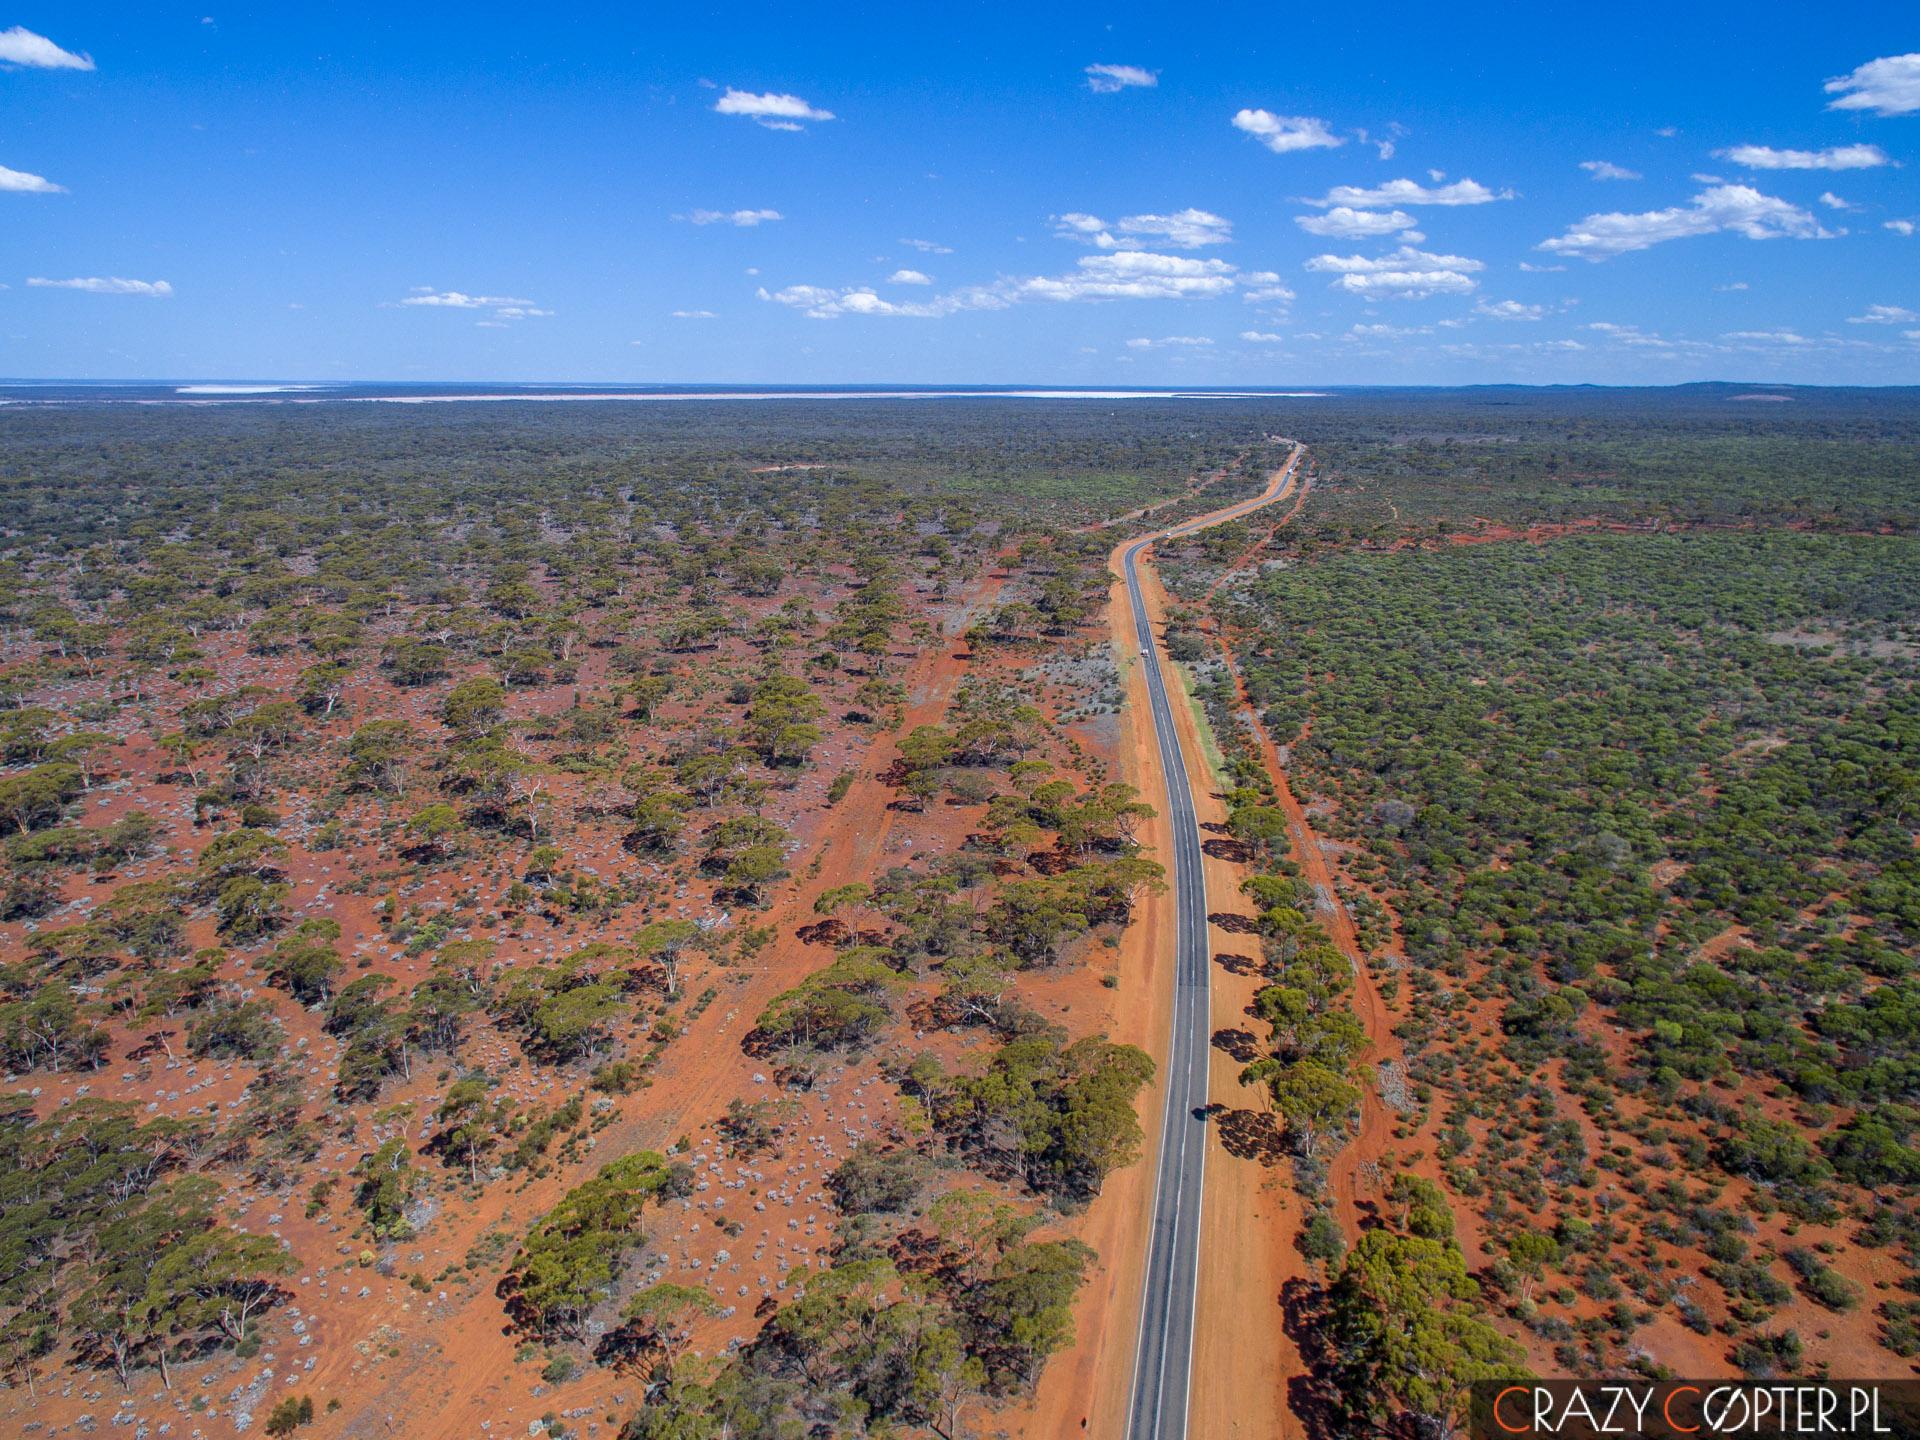 Zdjęcie z drona, Nullarbor, Australia,